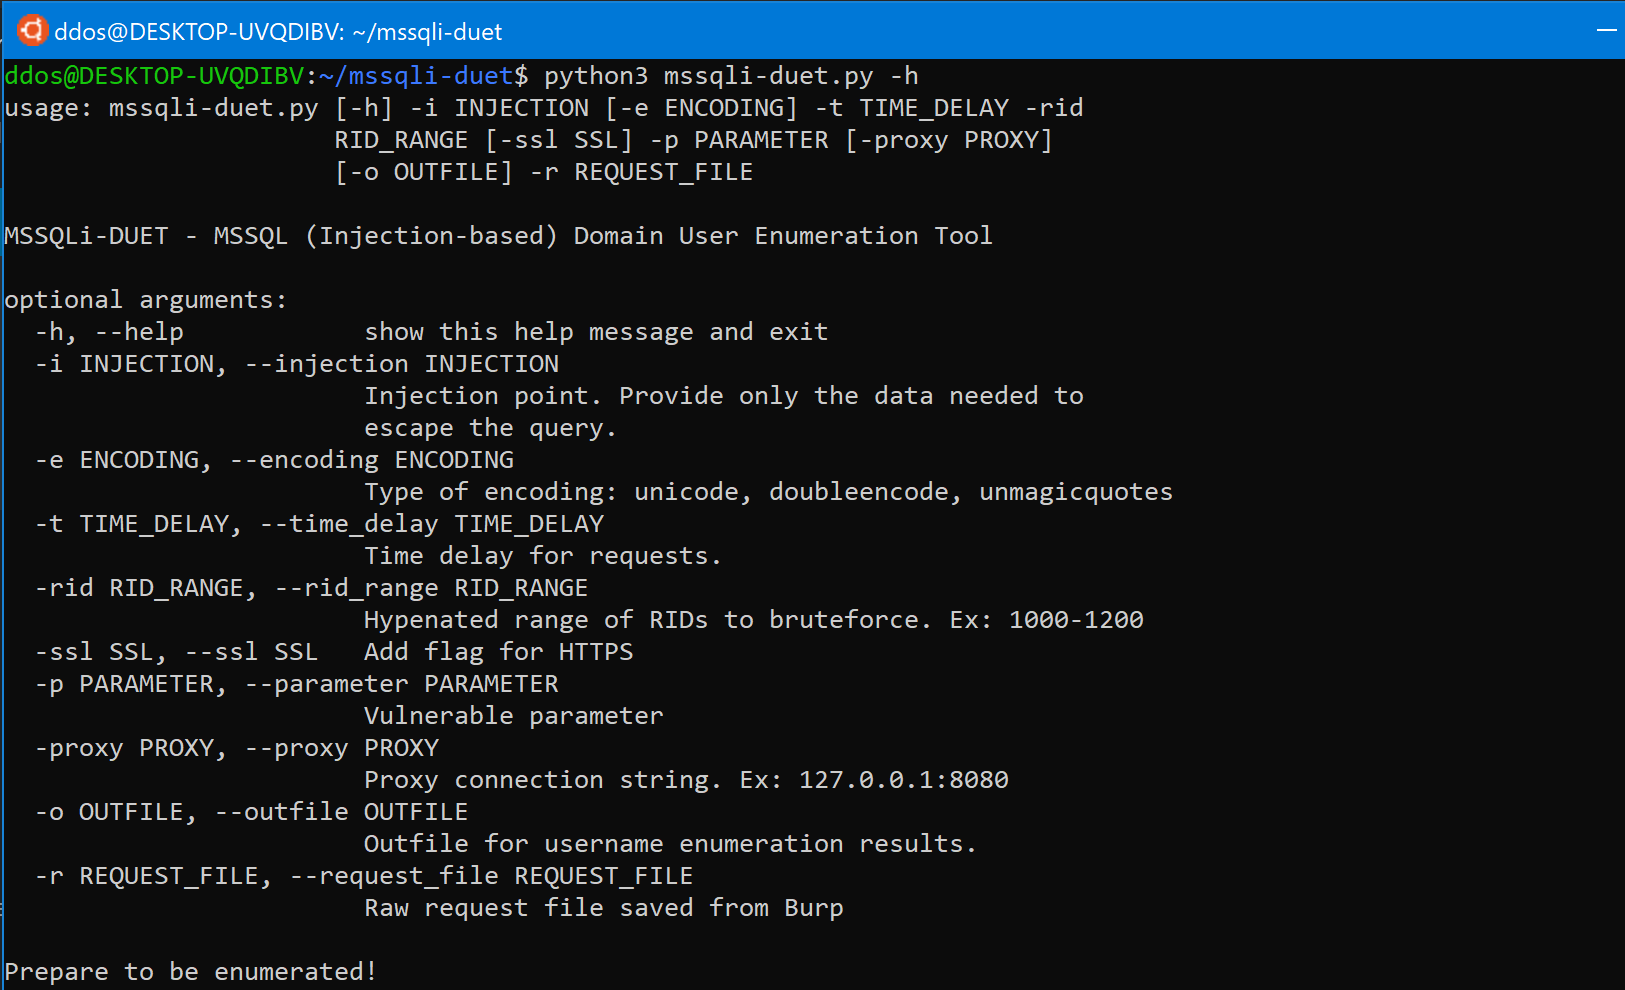 mssqli-duet: SQL injection script for MSSQL